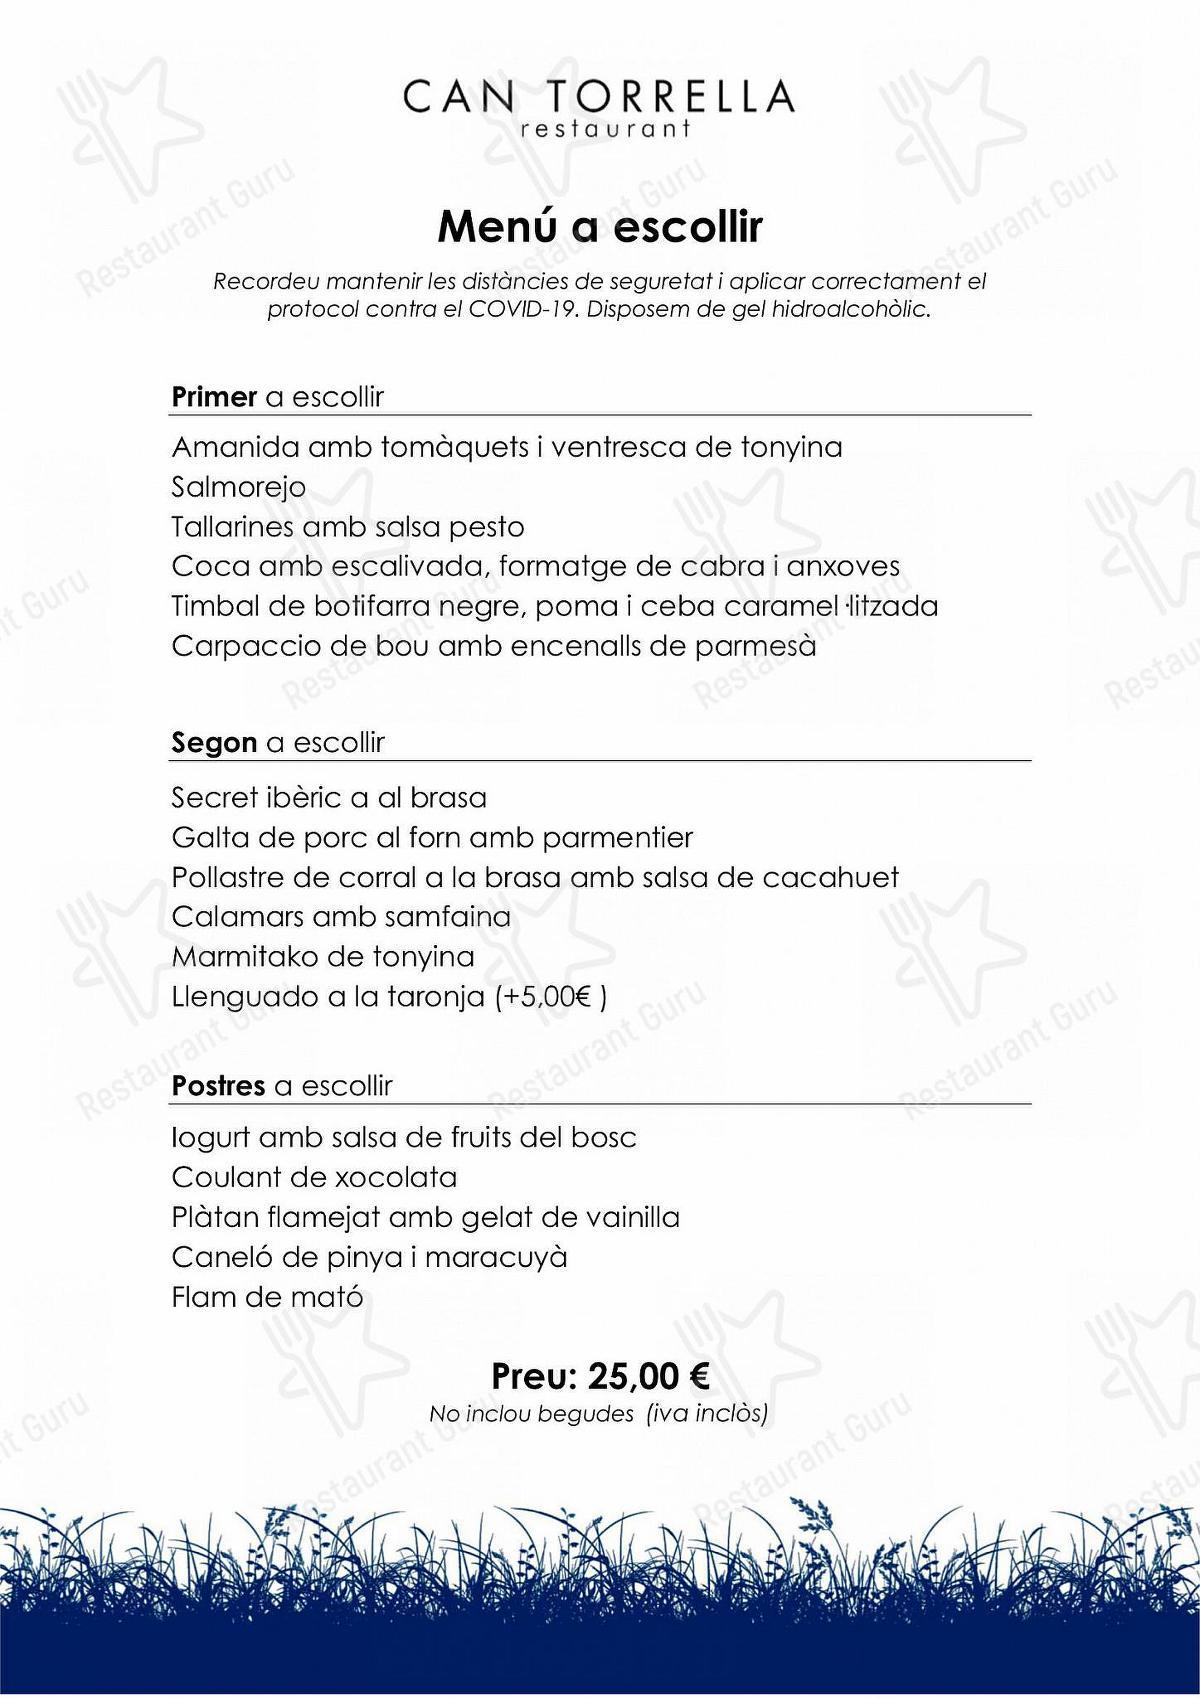 Carta de Can Torrella - platos y bebidas